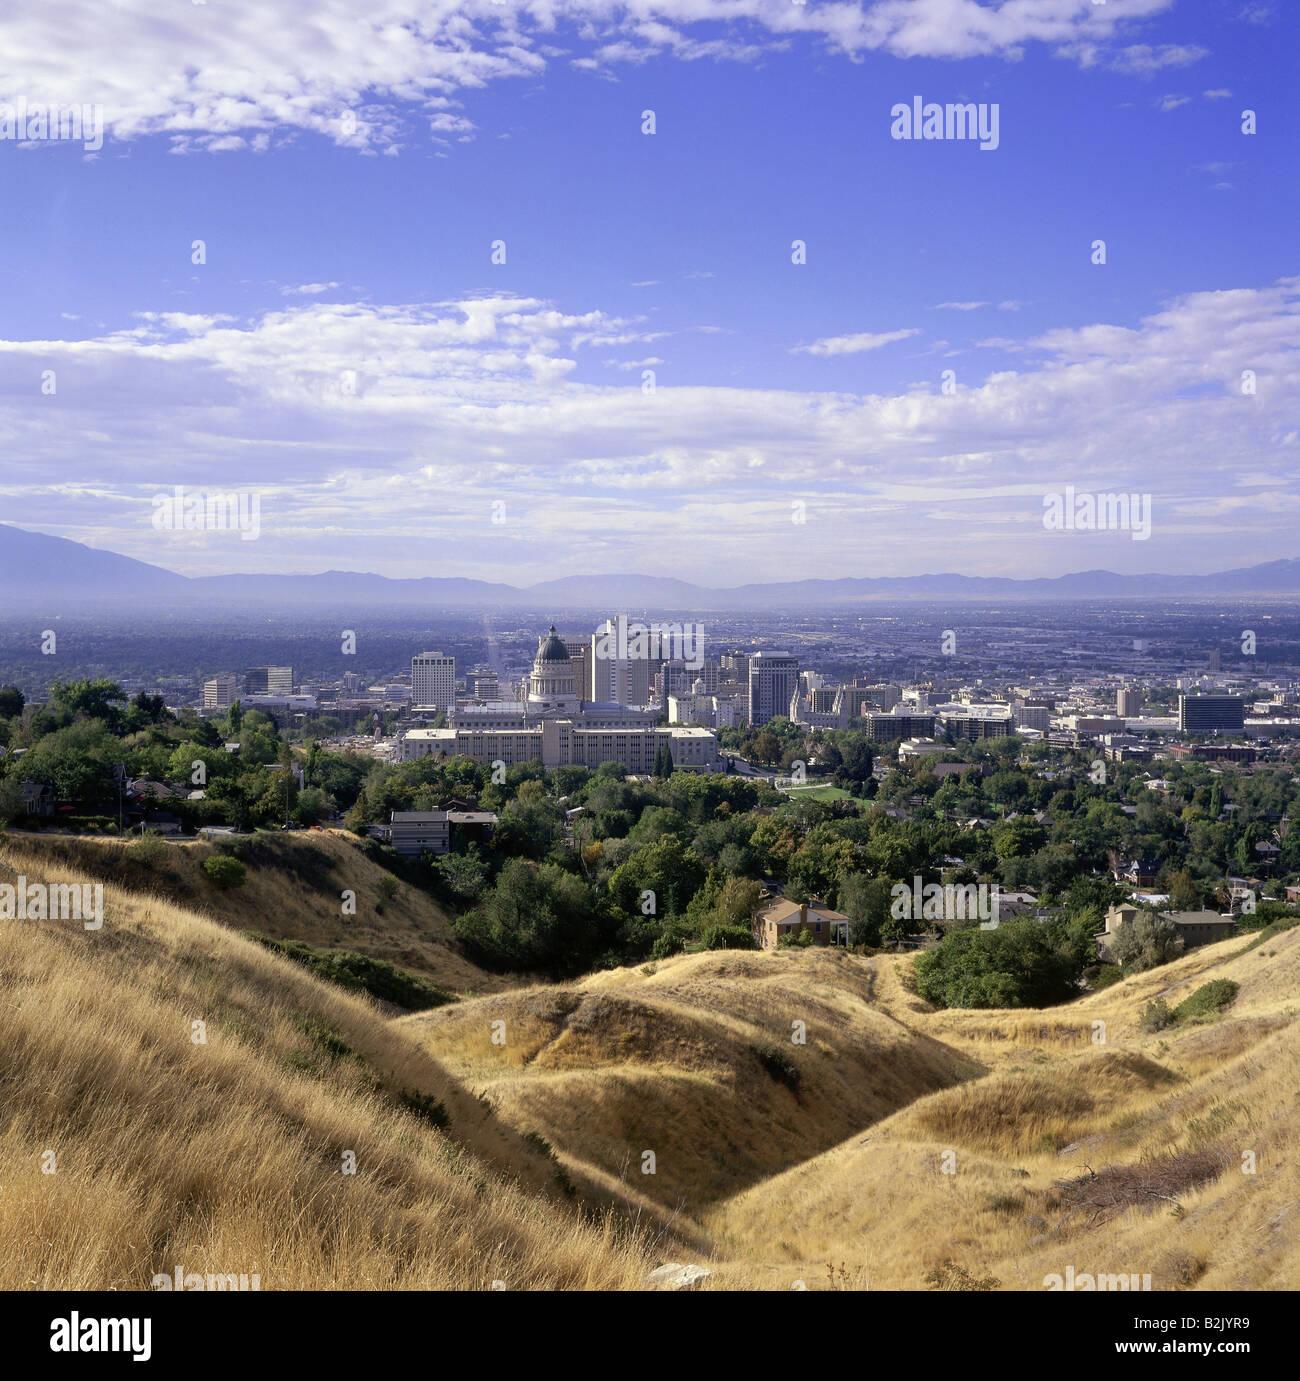 Travel Geography: Salt Lake City Utah Skyline Stock Photos & Salt Lake City